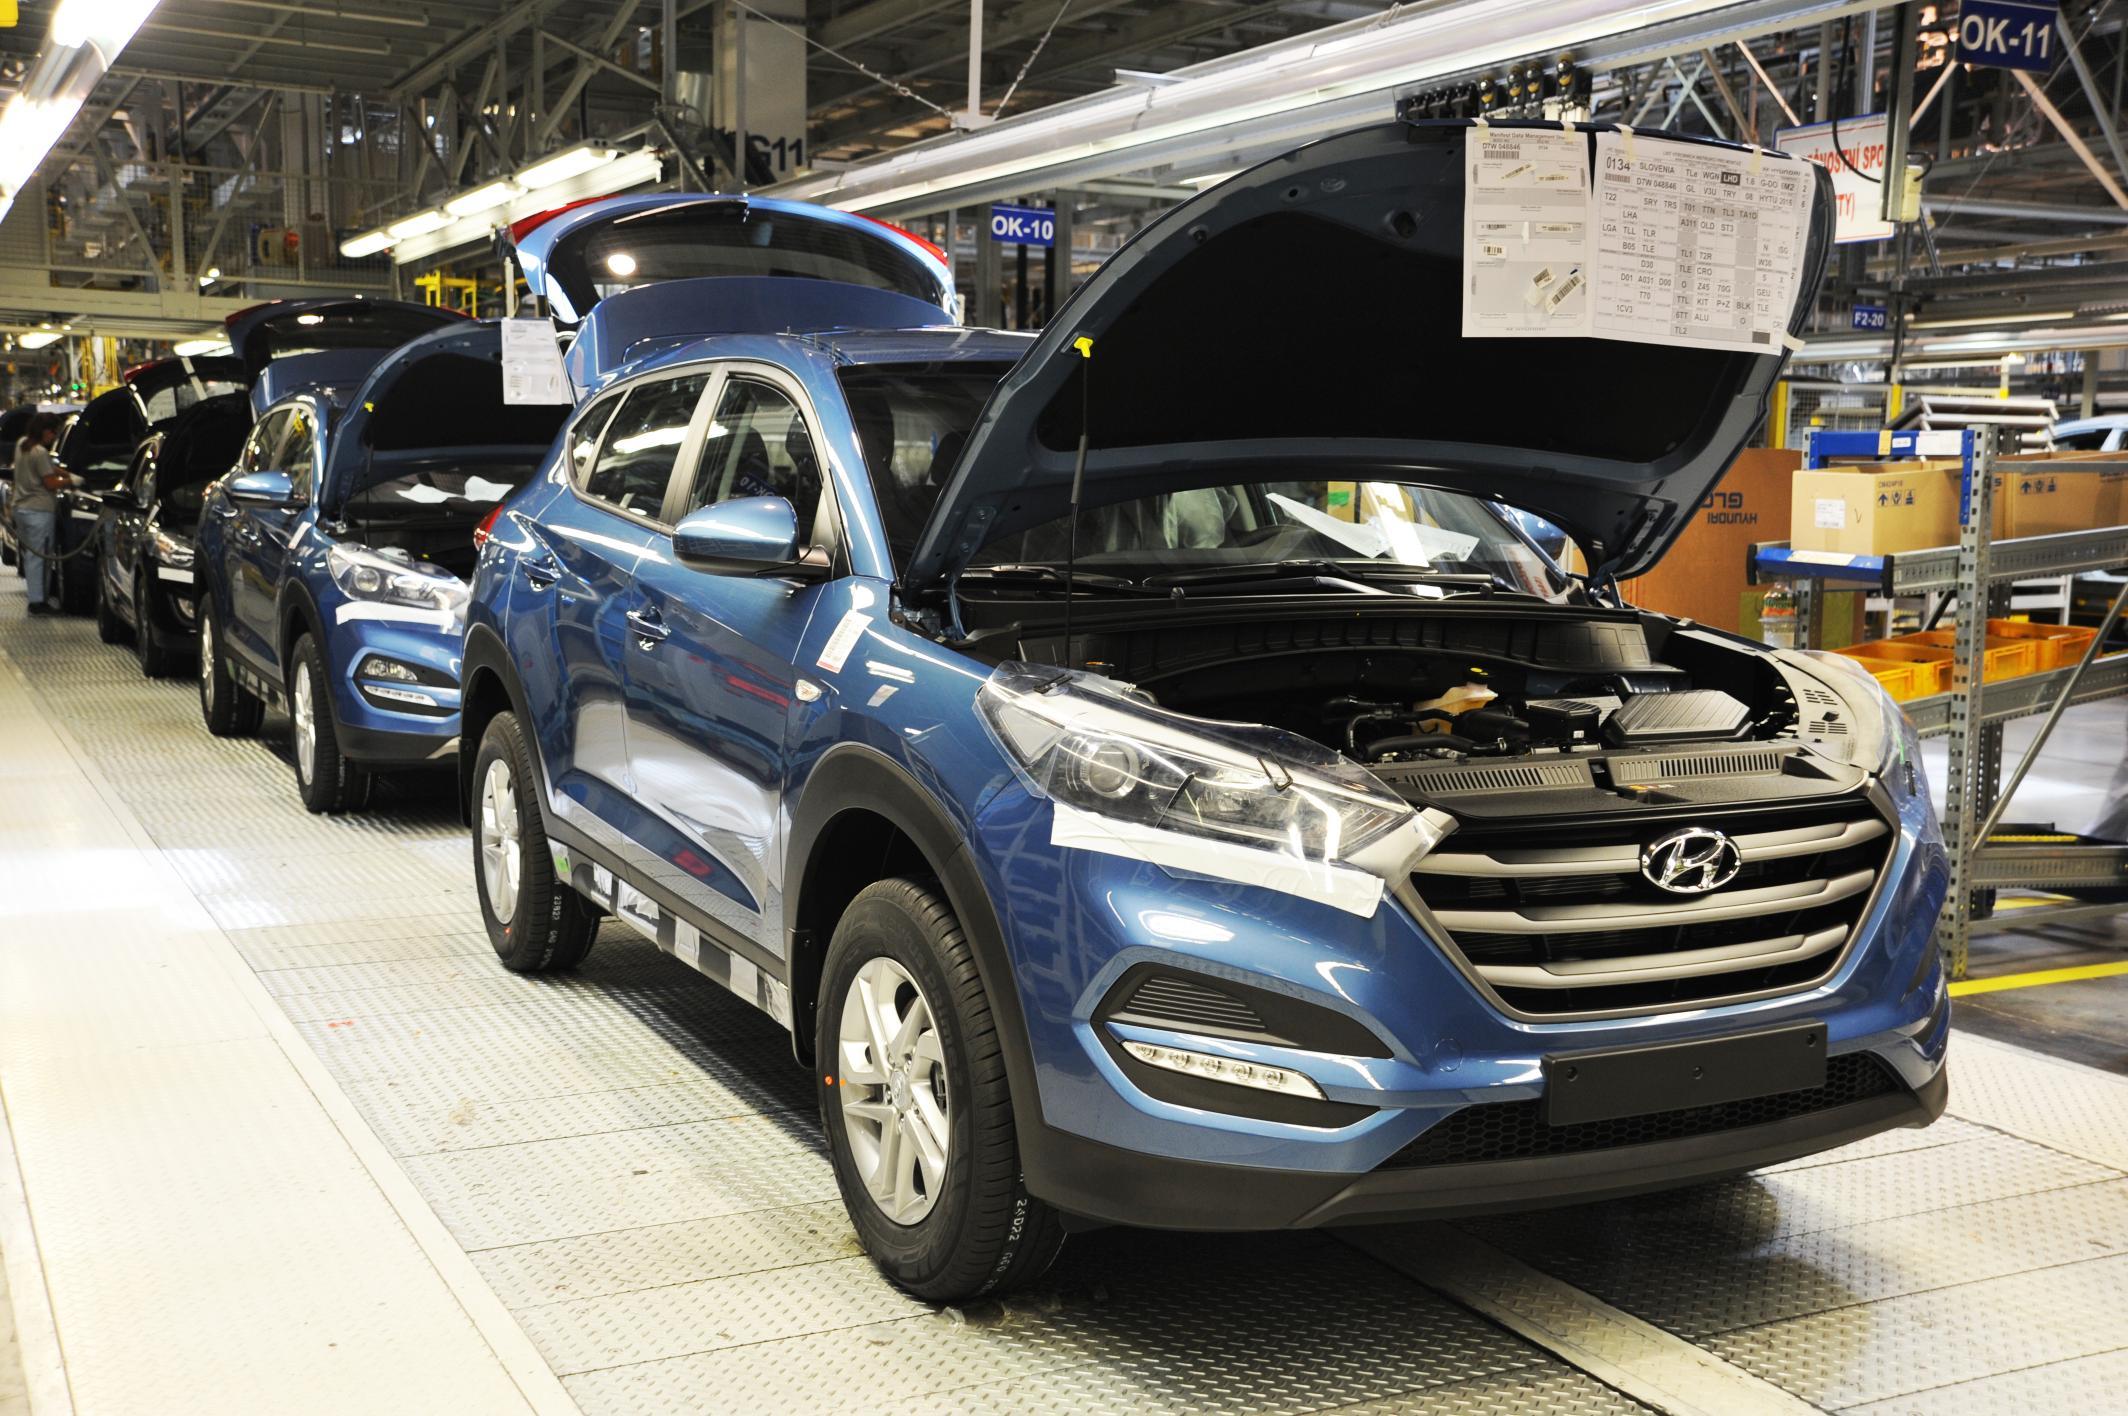 Tucson, el modelo más vendido de Hyundai